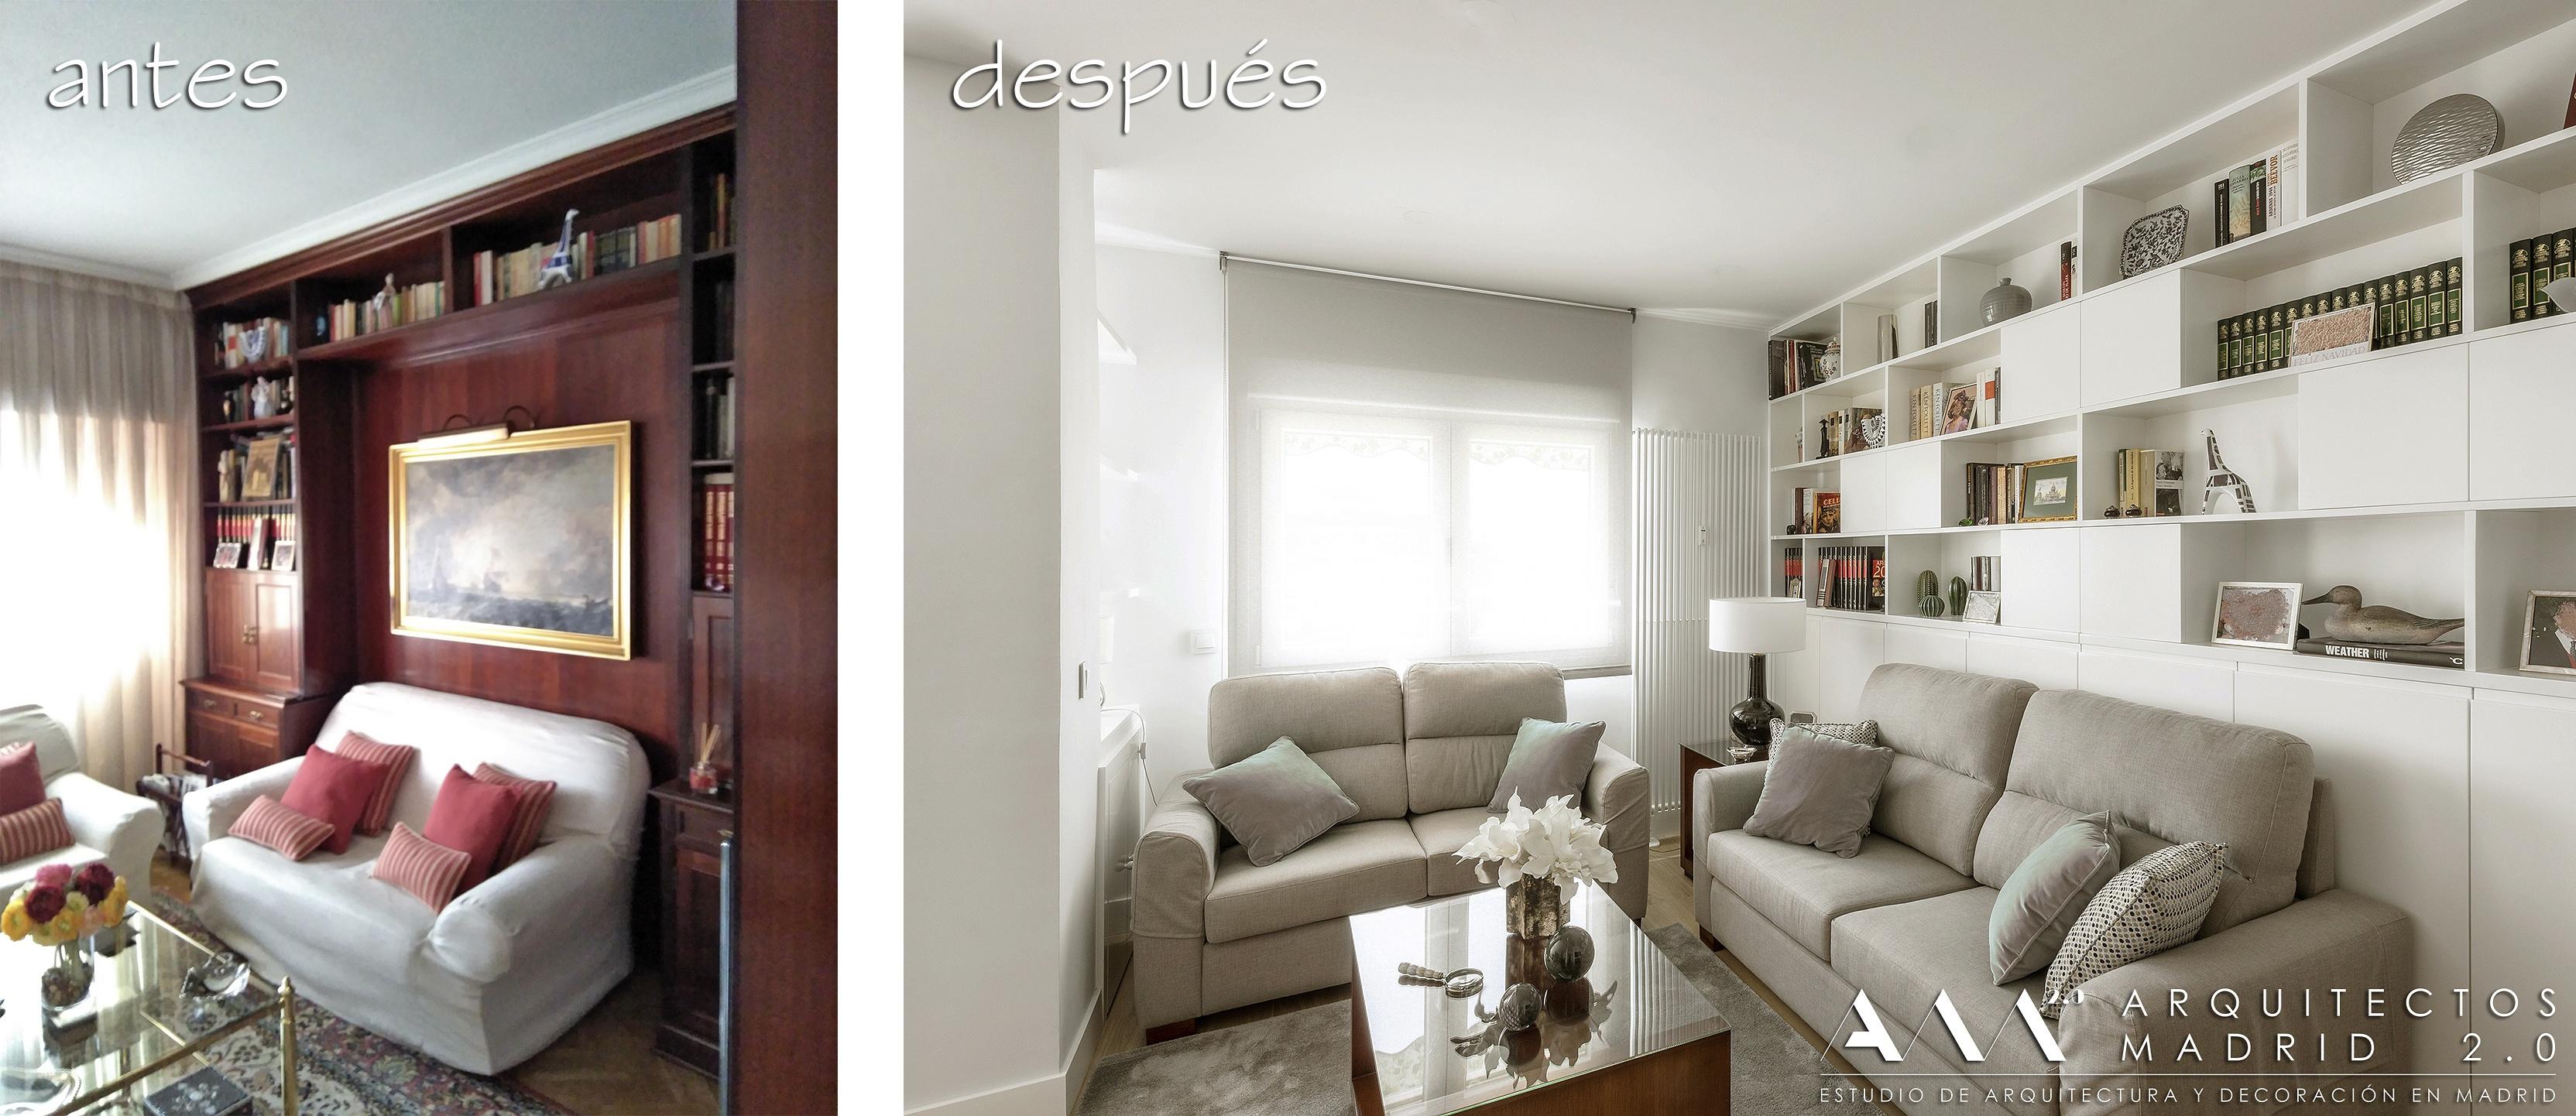 antes-despues-reforma-vivienda-ideas-decoracion-sala-estar-biblioteca-estanteria